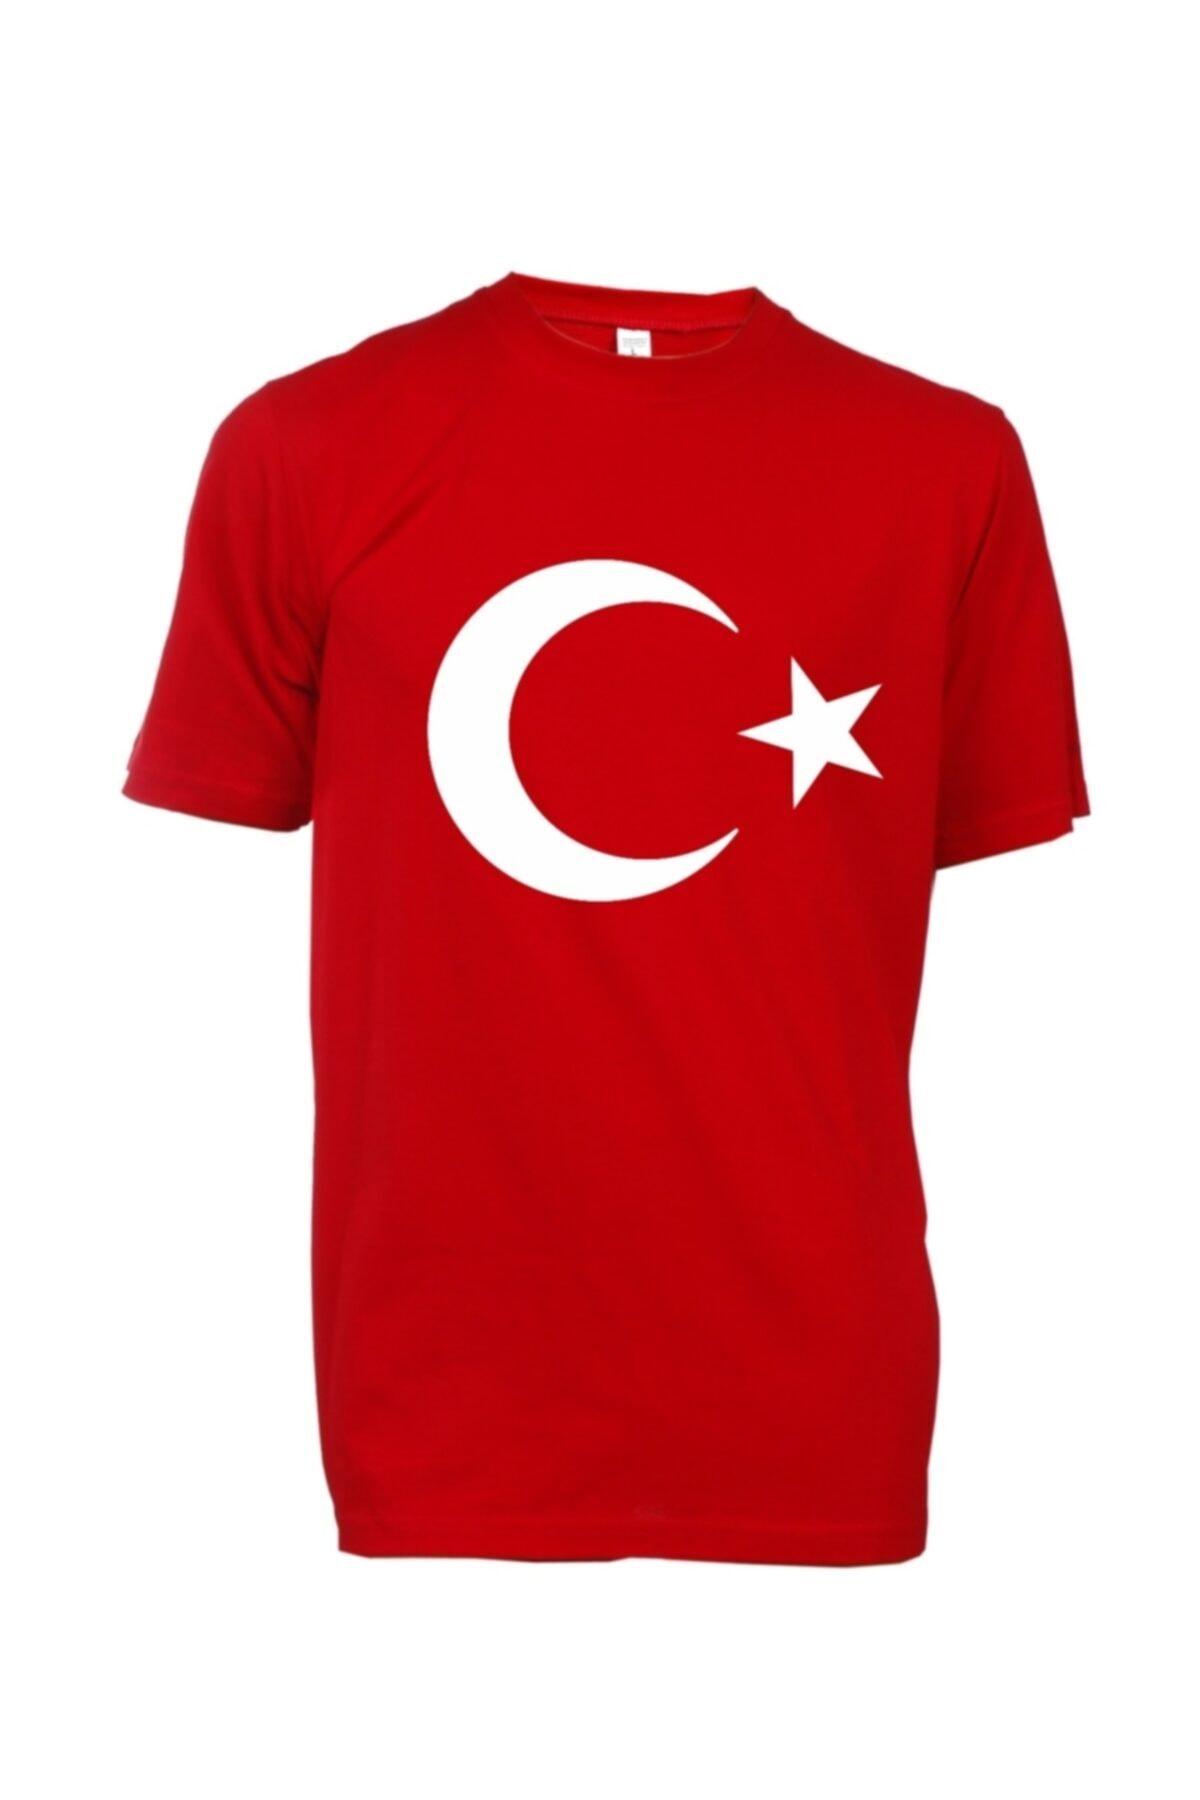 Ay Yıldızlı Türk Bayraklı Unisex Kırmızı  T-shirt